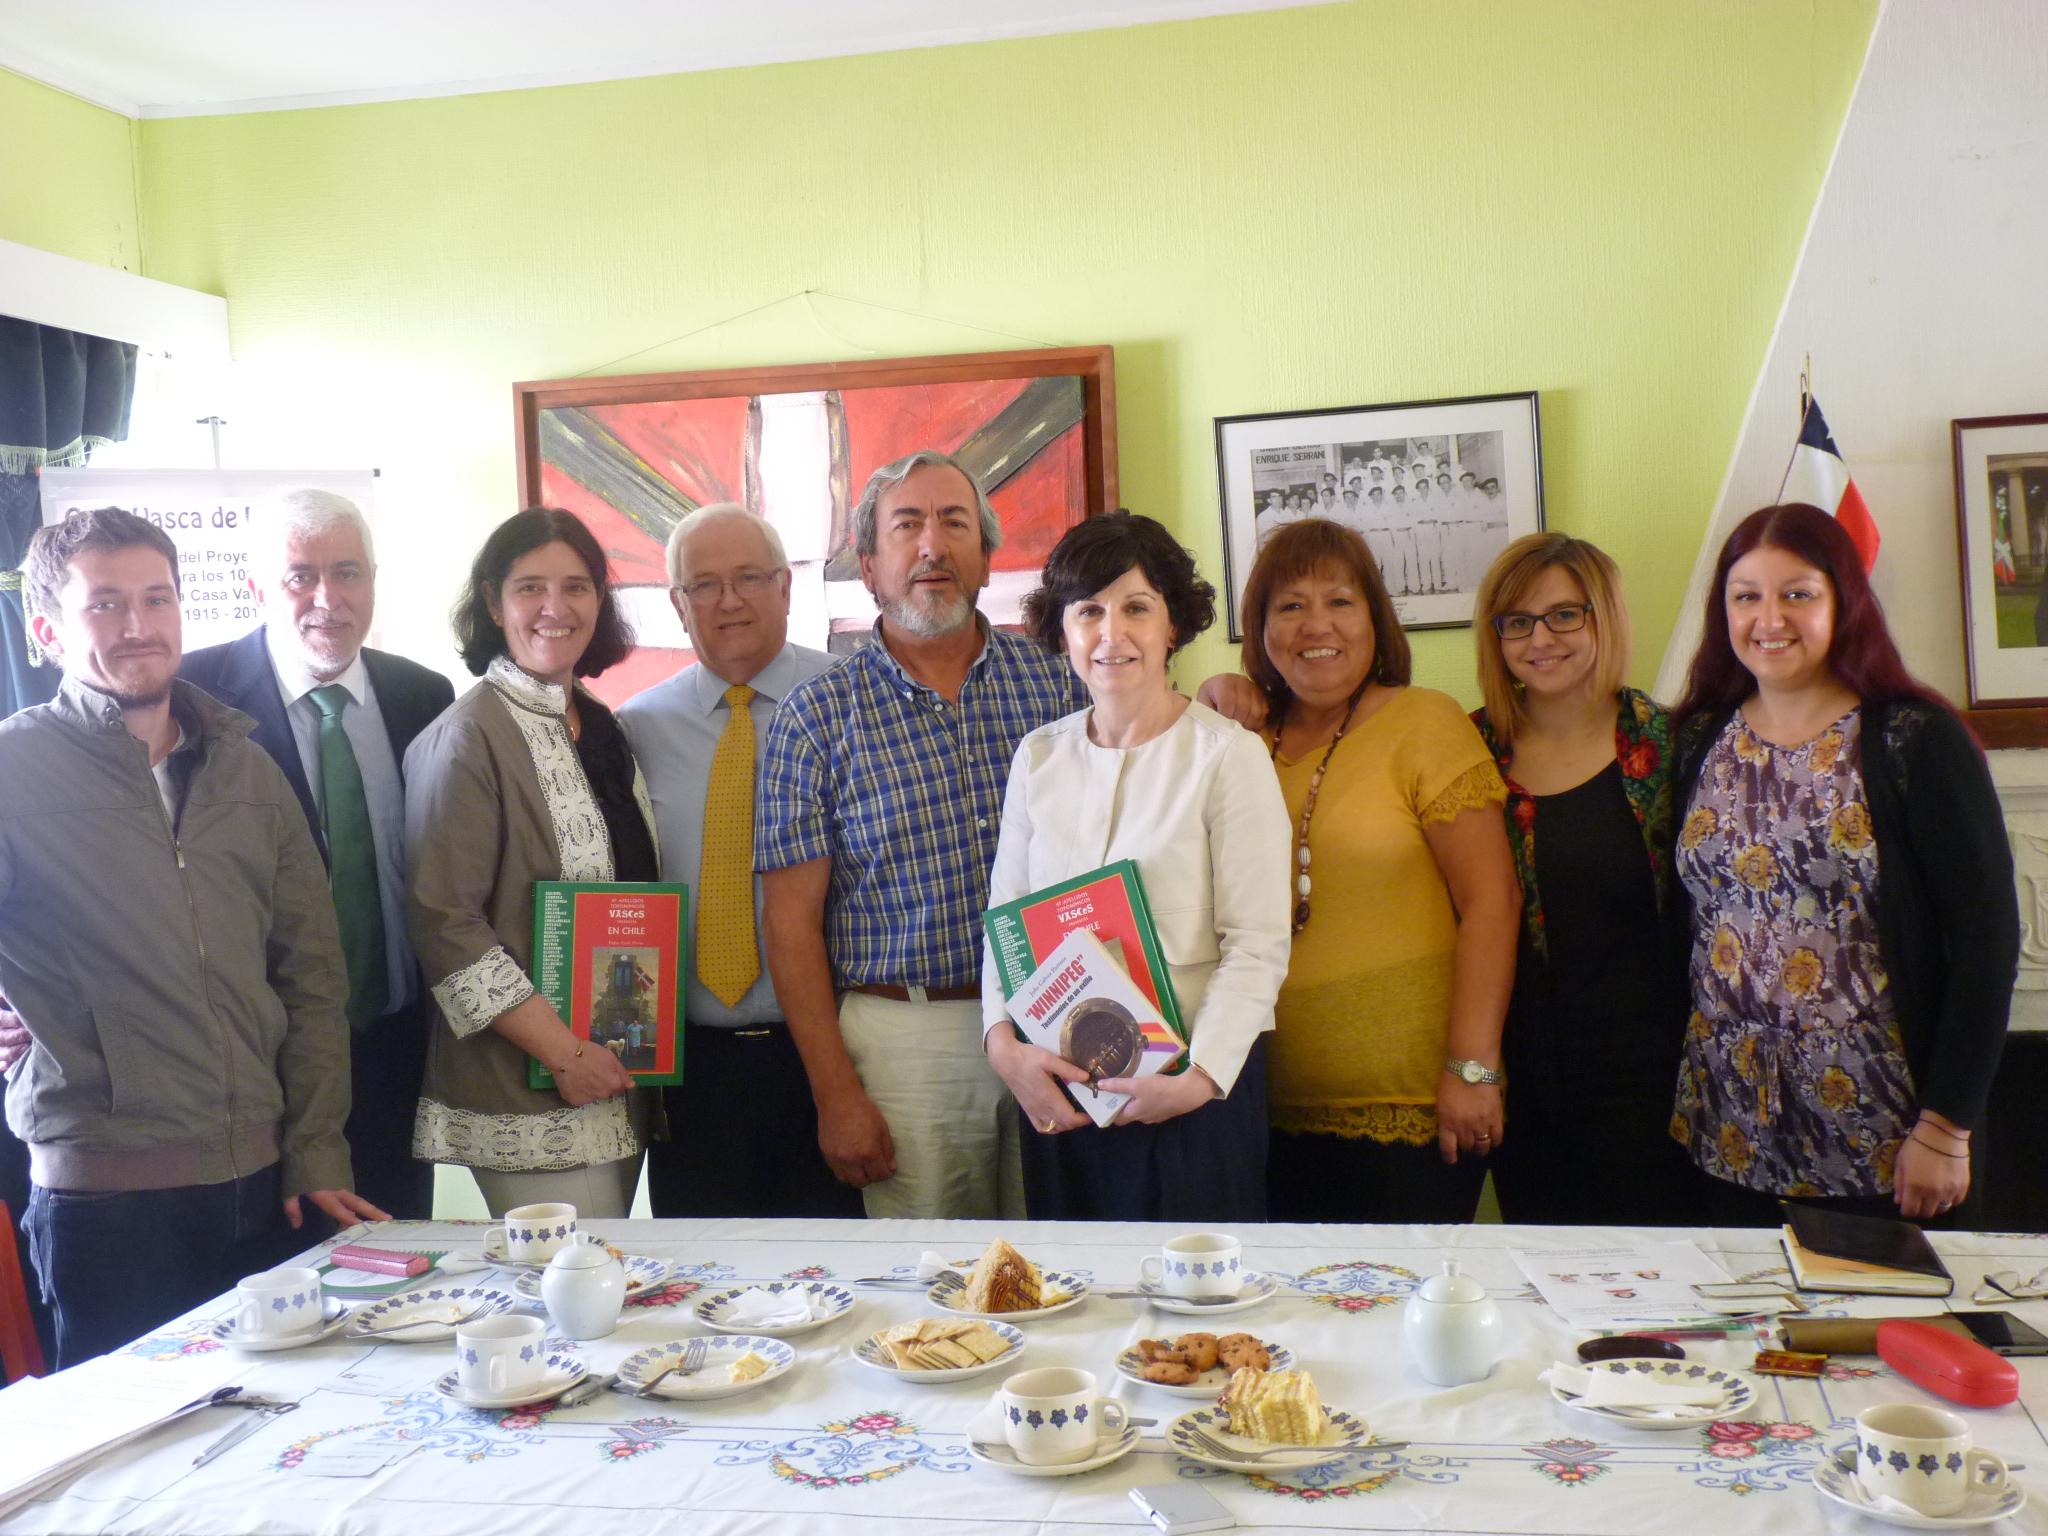 Marian Elorza Valparaísoko Eusko Etxean